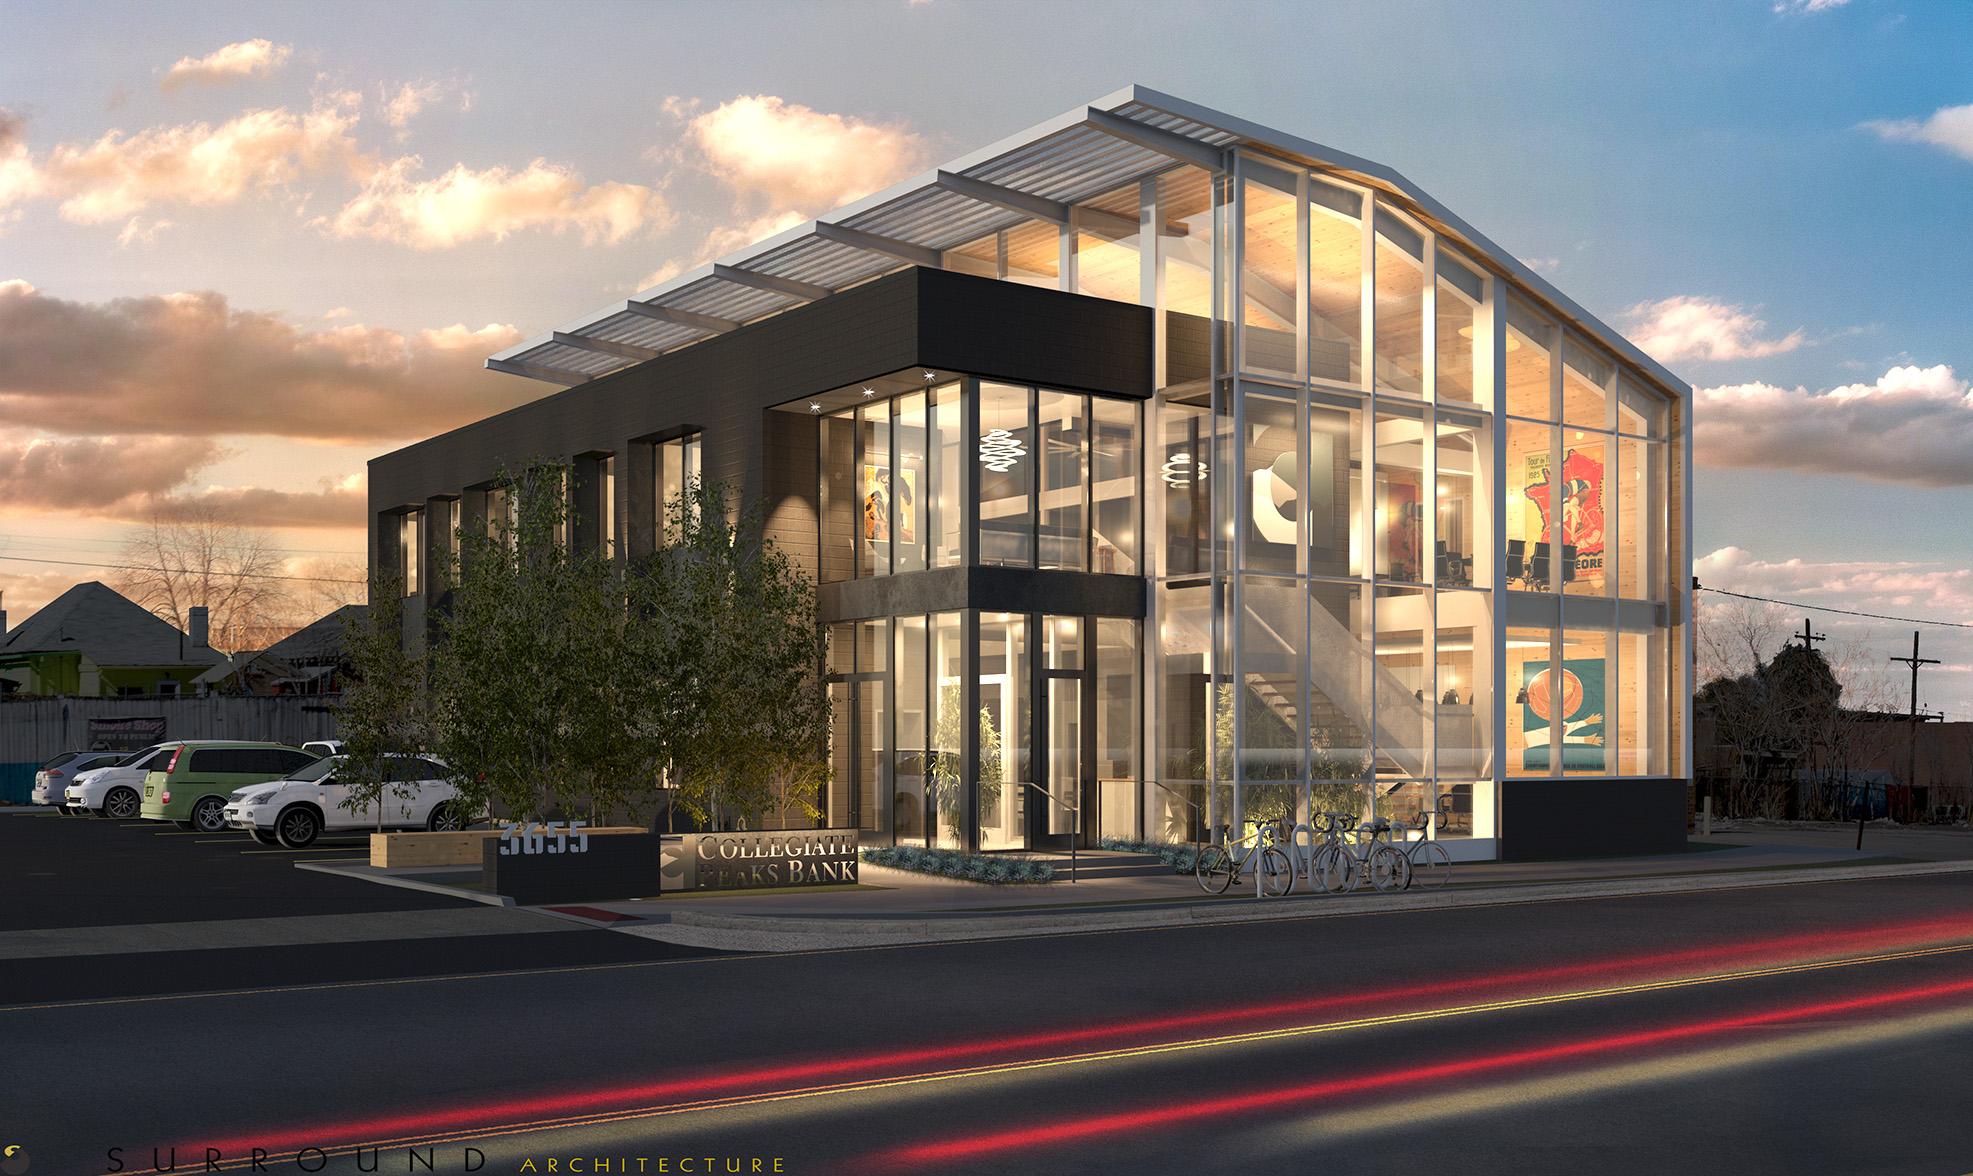 Rendering of Collegiate Peaks Bank in RiNo, Denver